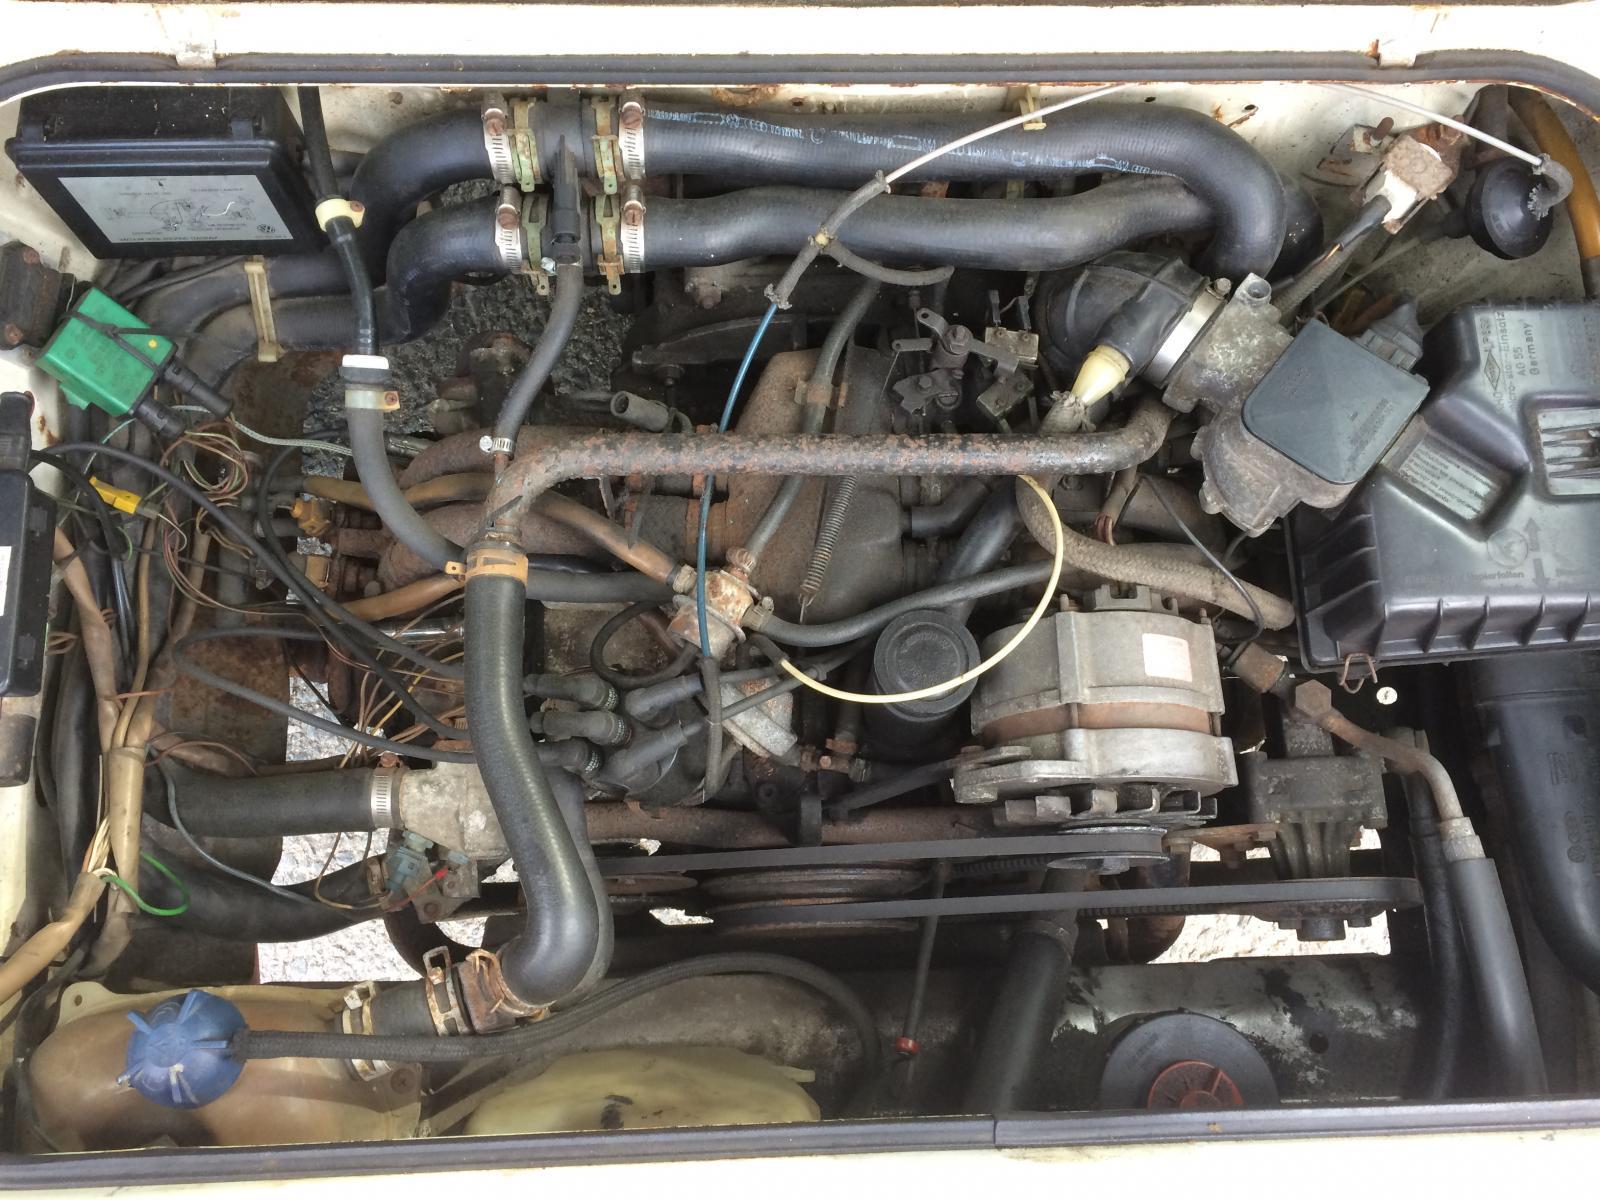 85 vanagon engine wiring schematics wiring diagrams u2022 rh seniorlivinguniversity co VW Vanagon Engine Swap VW Vanagon Engine Conversions